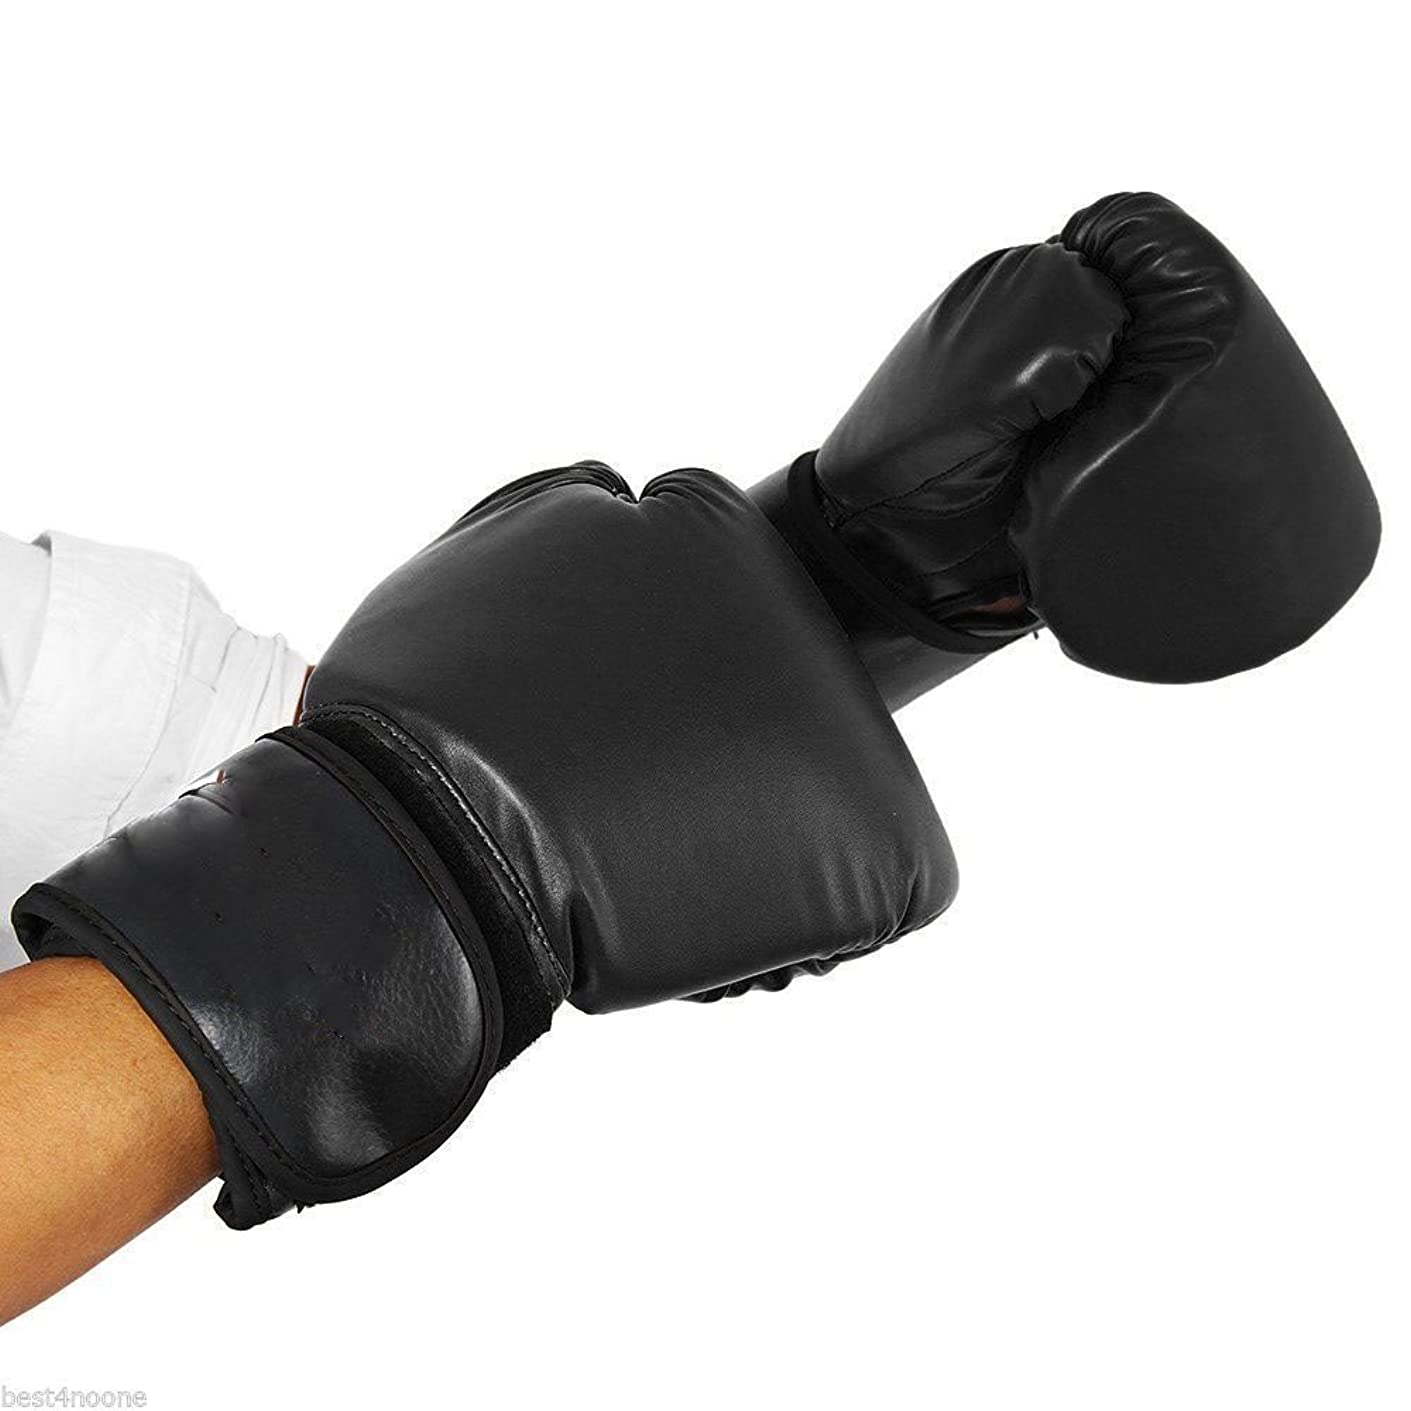 前進飲料接触ボクシンググローブ 格闘技 フィットネス グローブ パンチ 打撃 練習 ボクシング用品 左右セット